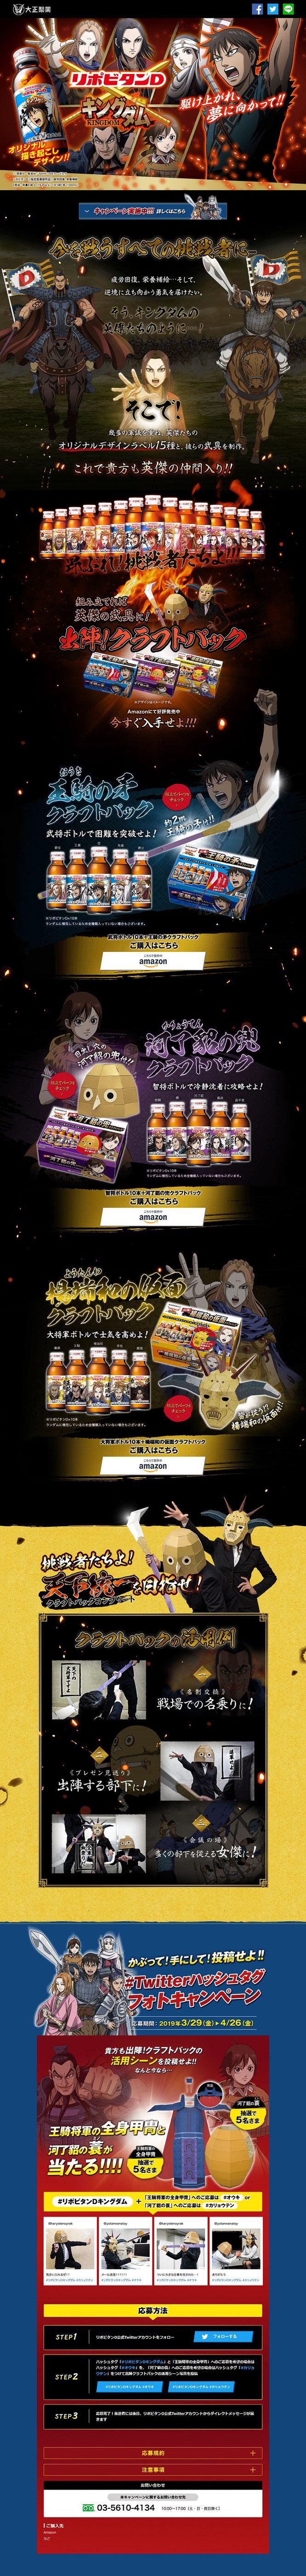 【大正製薬】リポビタンD キングダム・クラフトパックキャンペーン